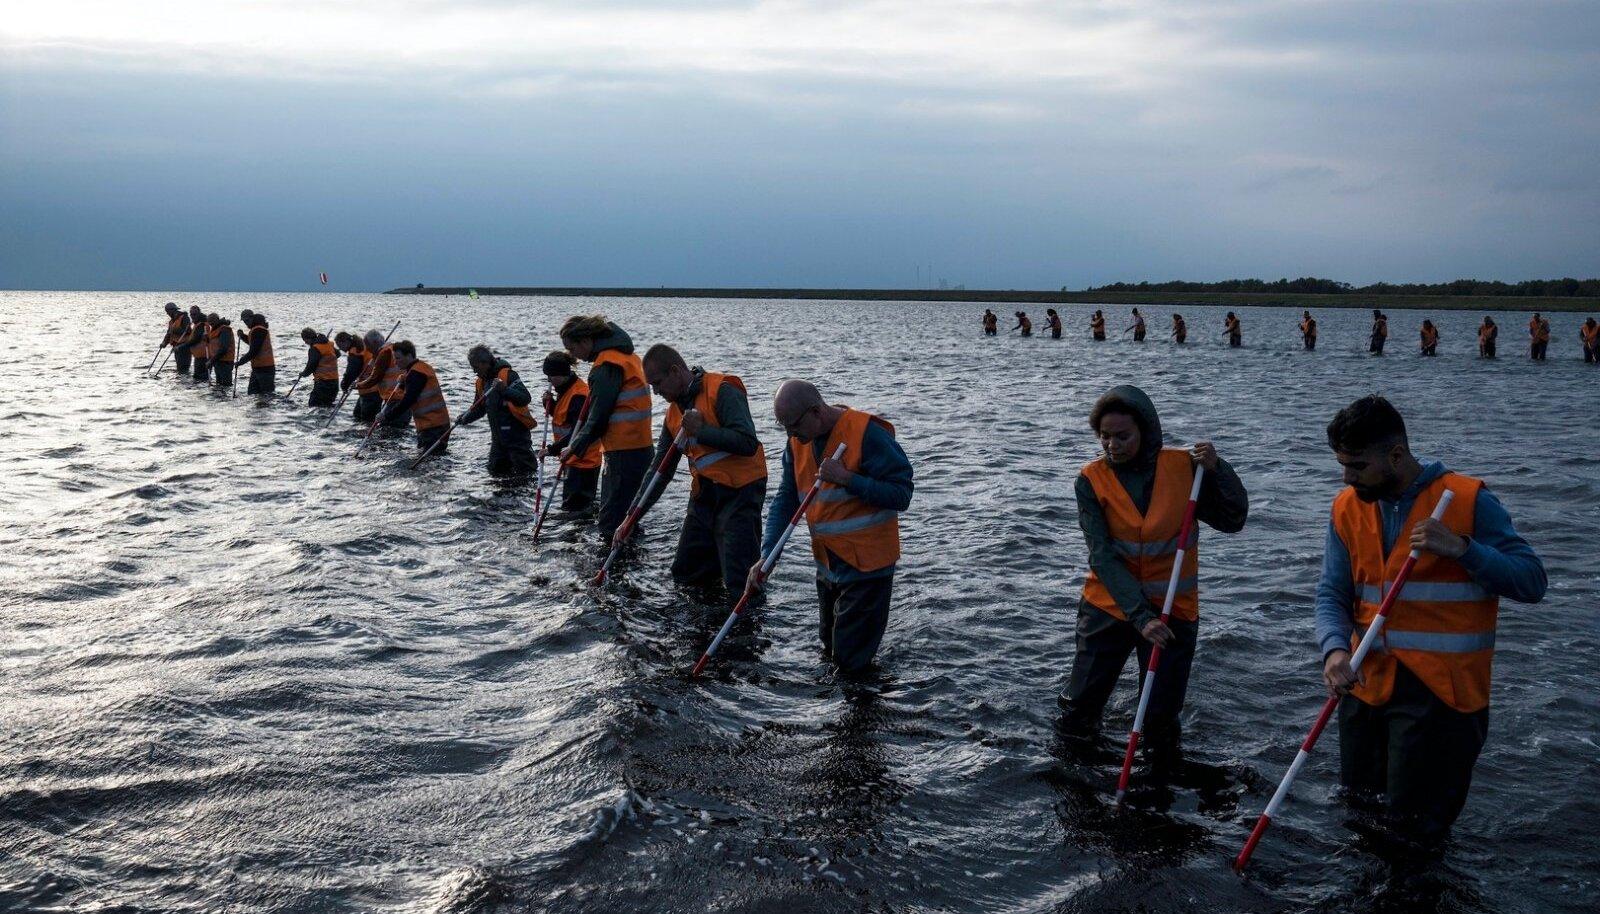 UURIMINE: Taani sari püüab taastada ajakirjaniku koletule mõrvale järgnenud sündmused. Pildil otsitakse merest kadunud Kim Walli surnukeha.